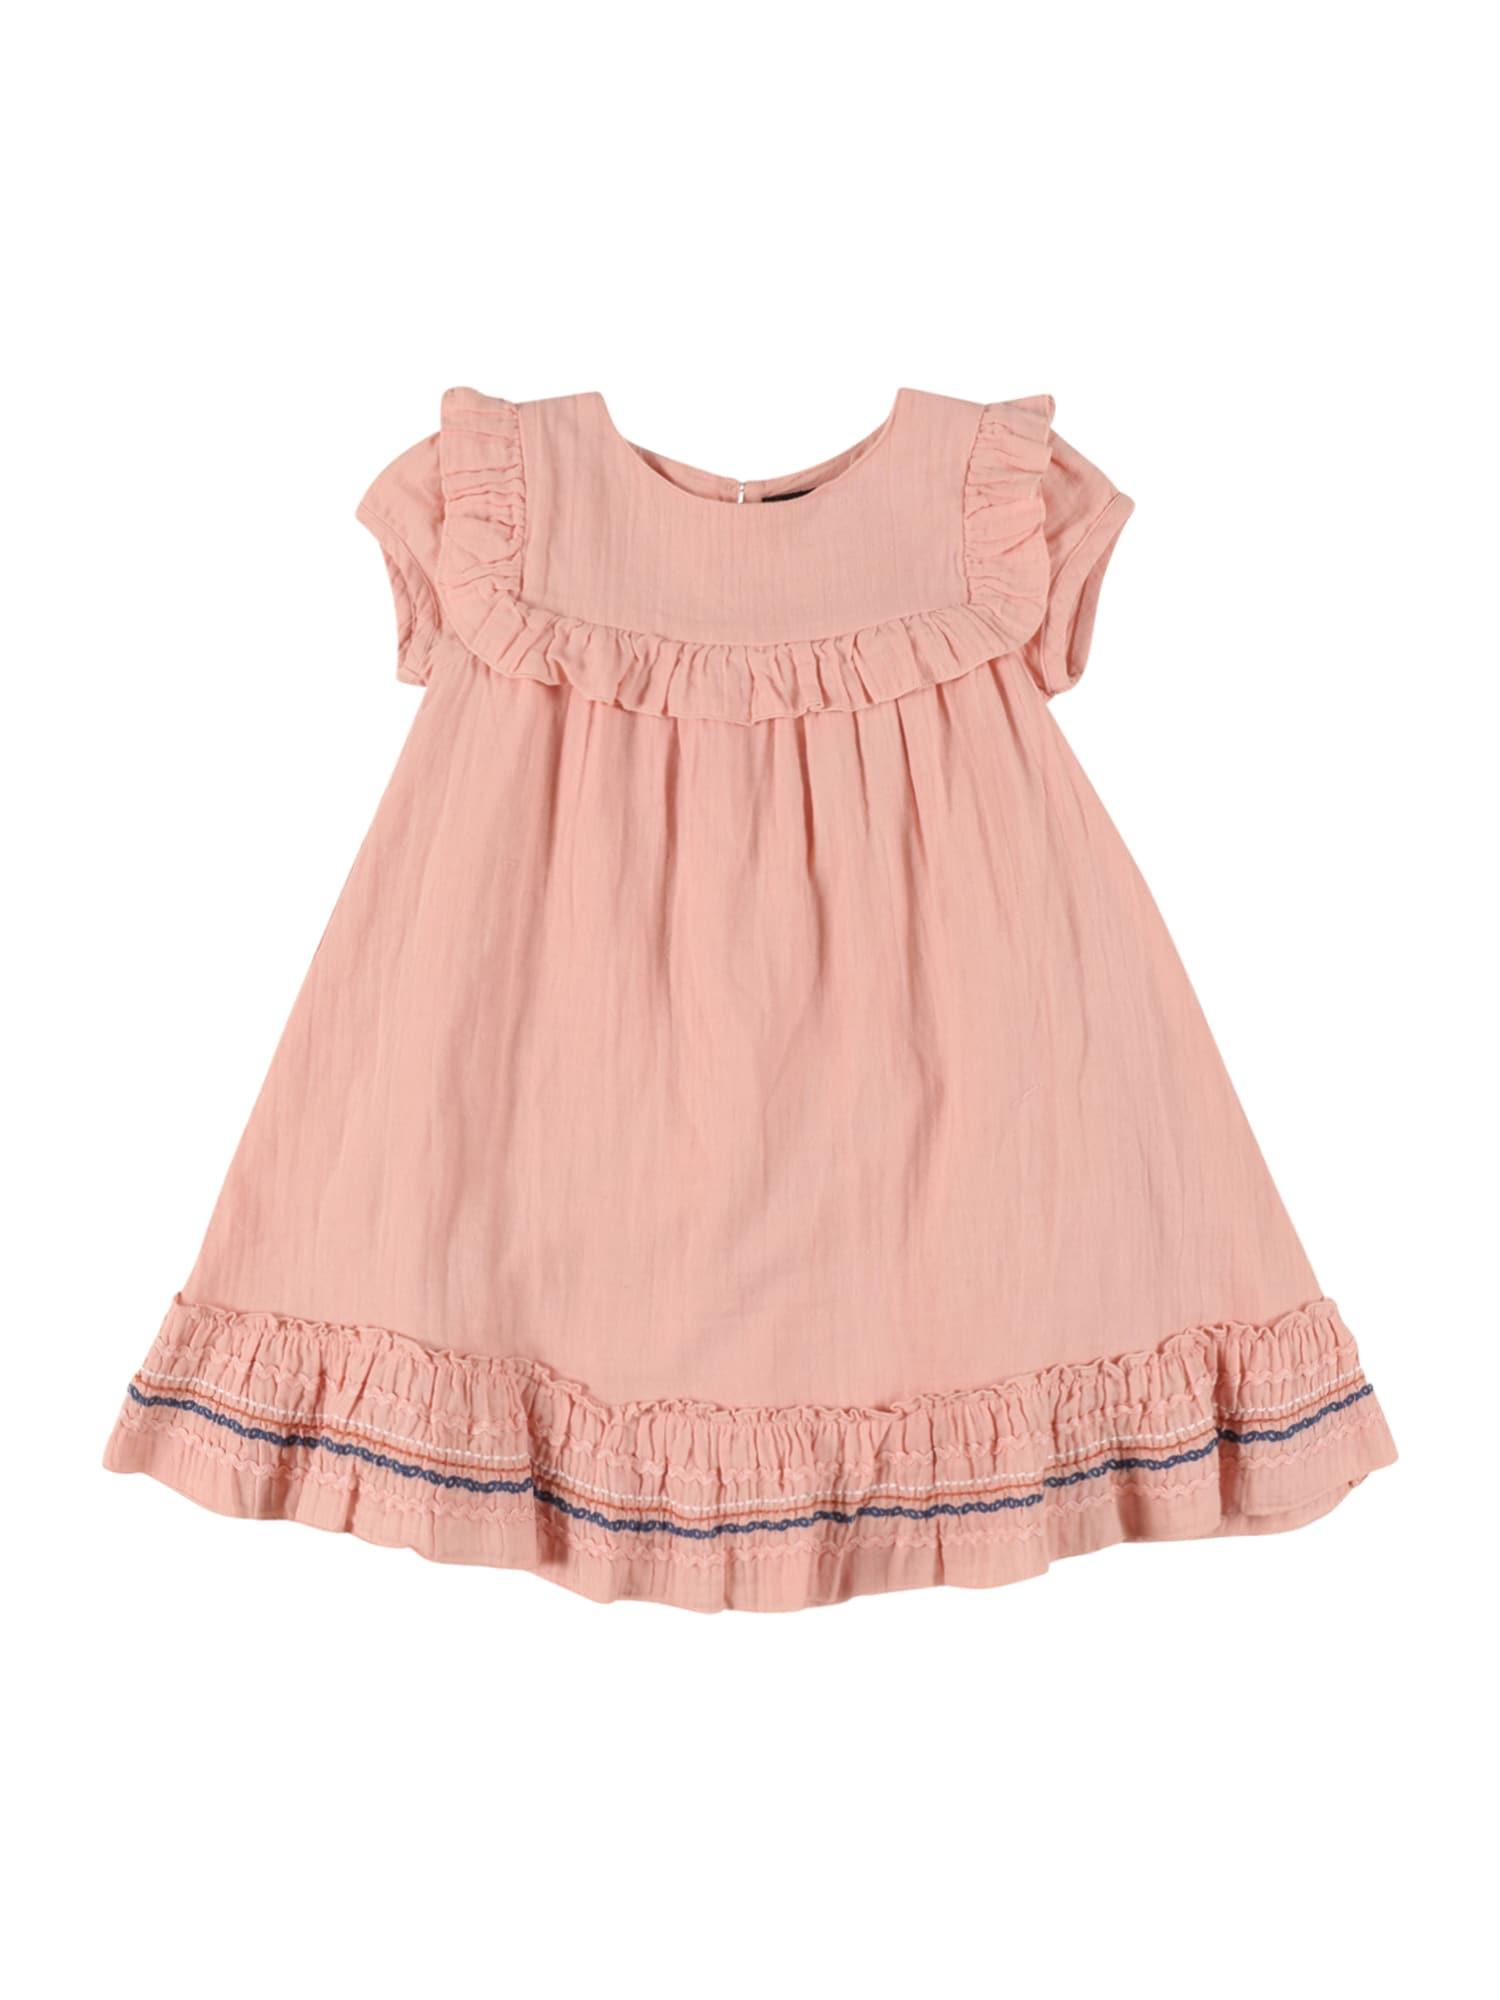 BASEFIELD Suknelė persikų spalva